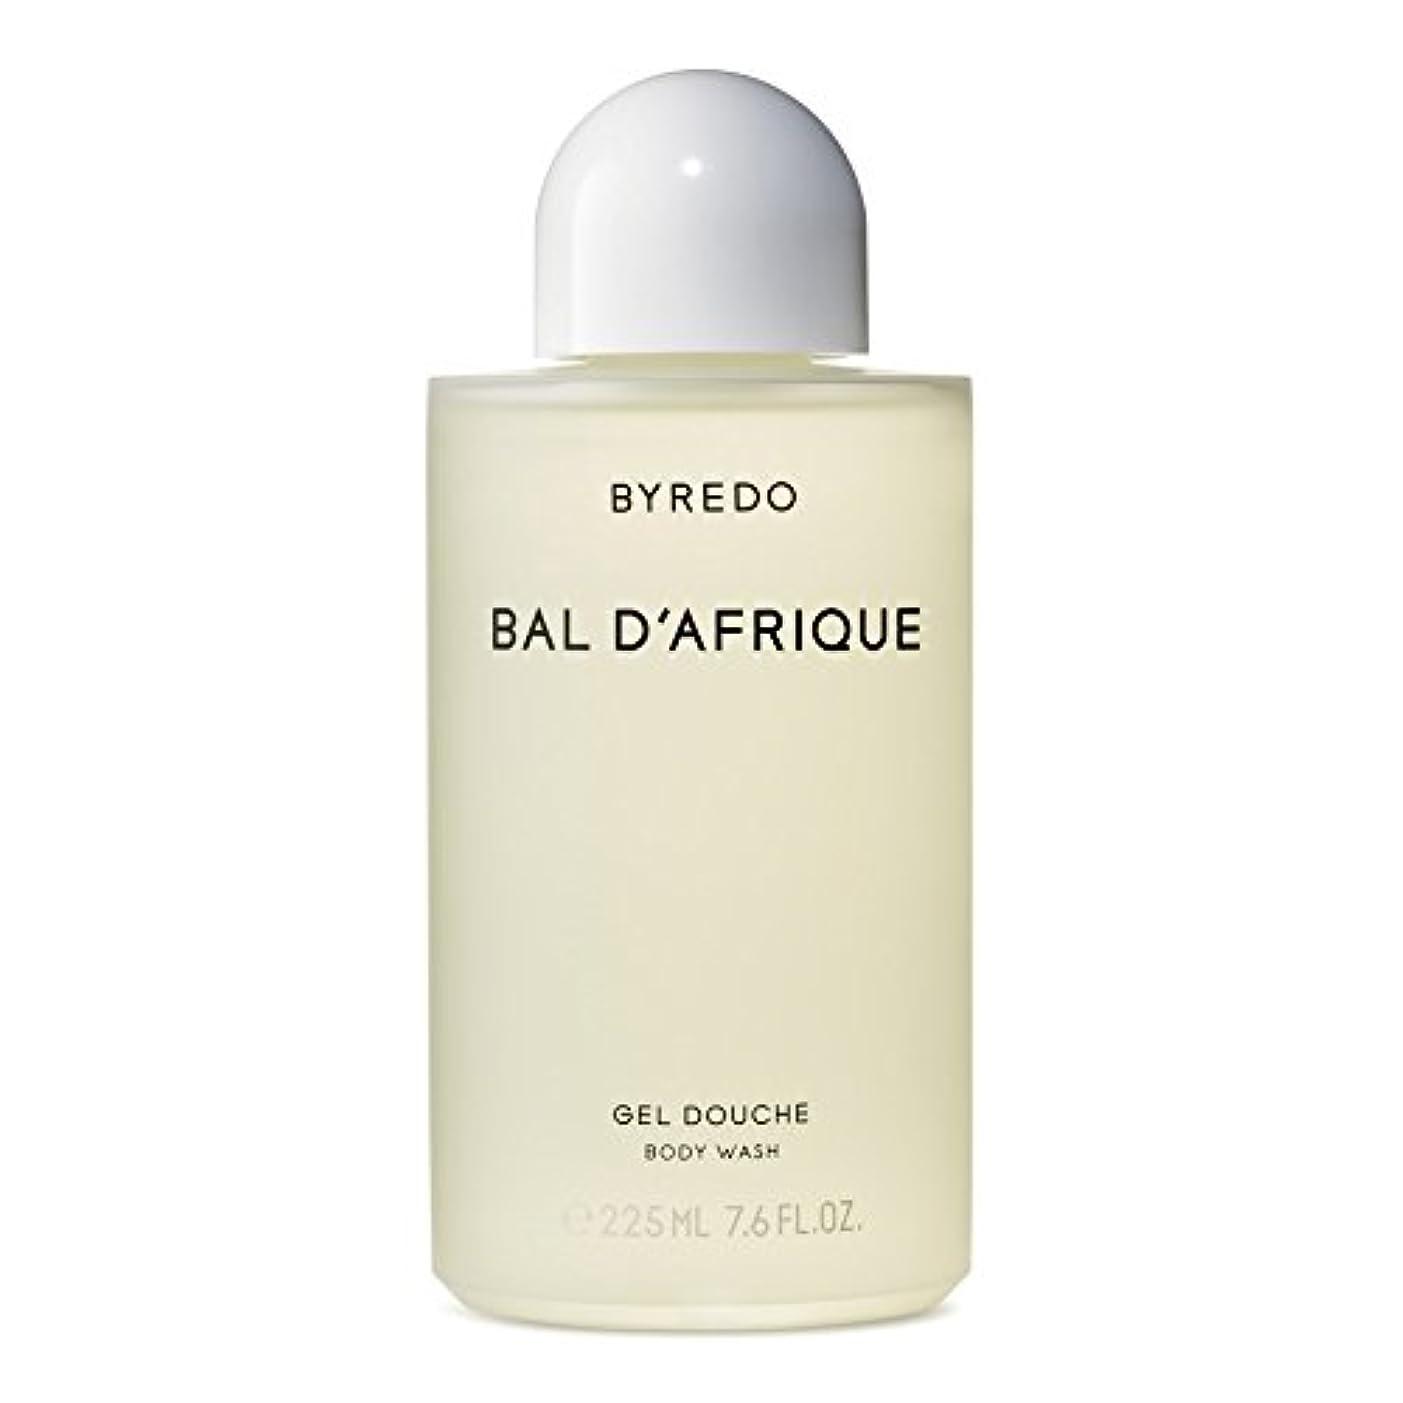 スピンオール病んでいるByredo Bal d'Afrique Body Wash 225ml - 'のボディウォッシュ225ミリリットル [並行輸入品]